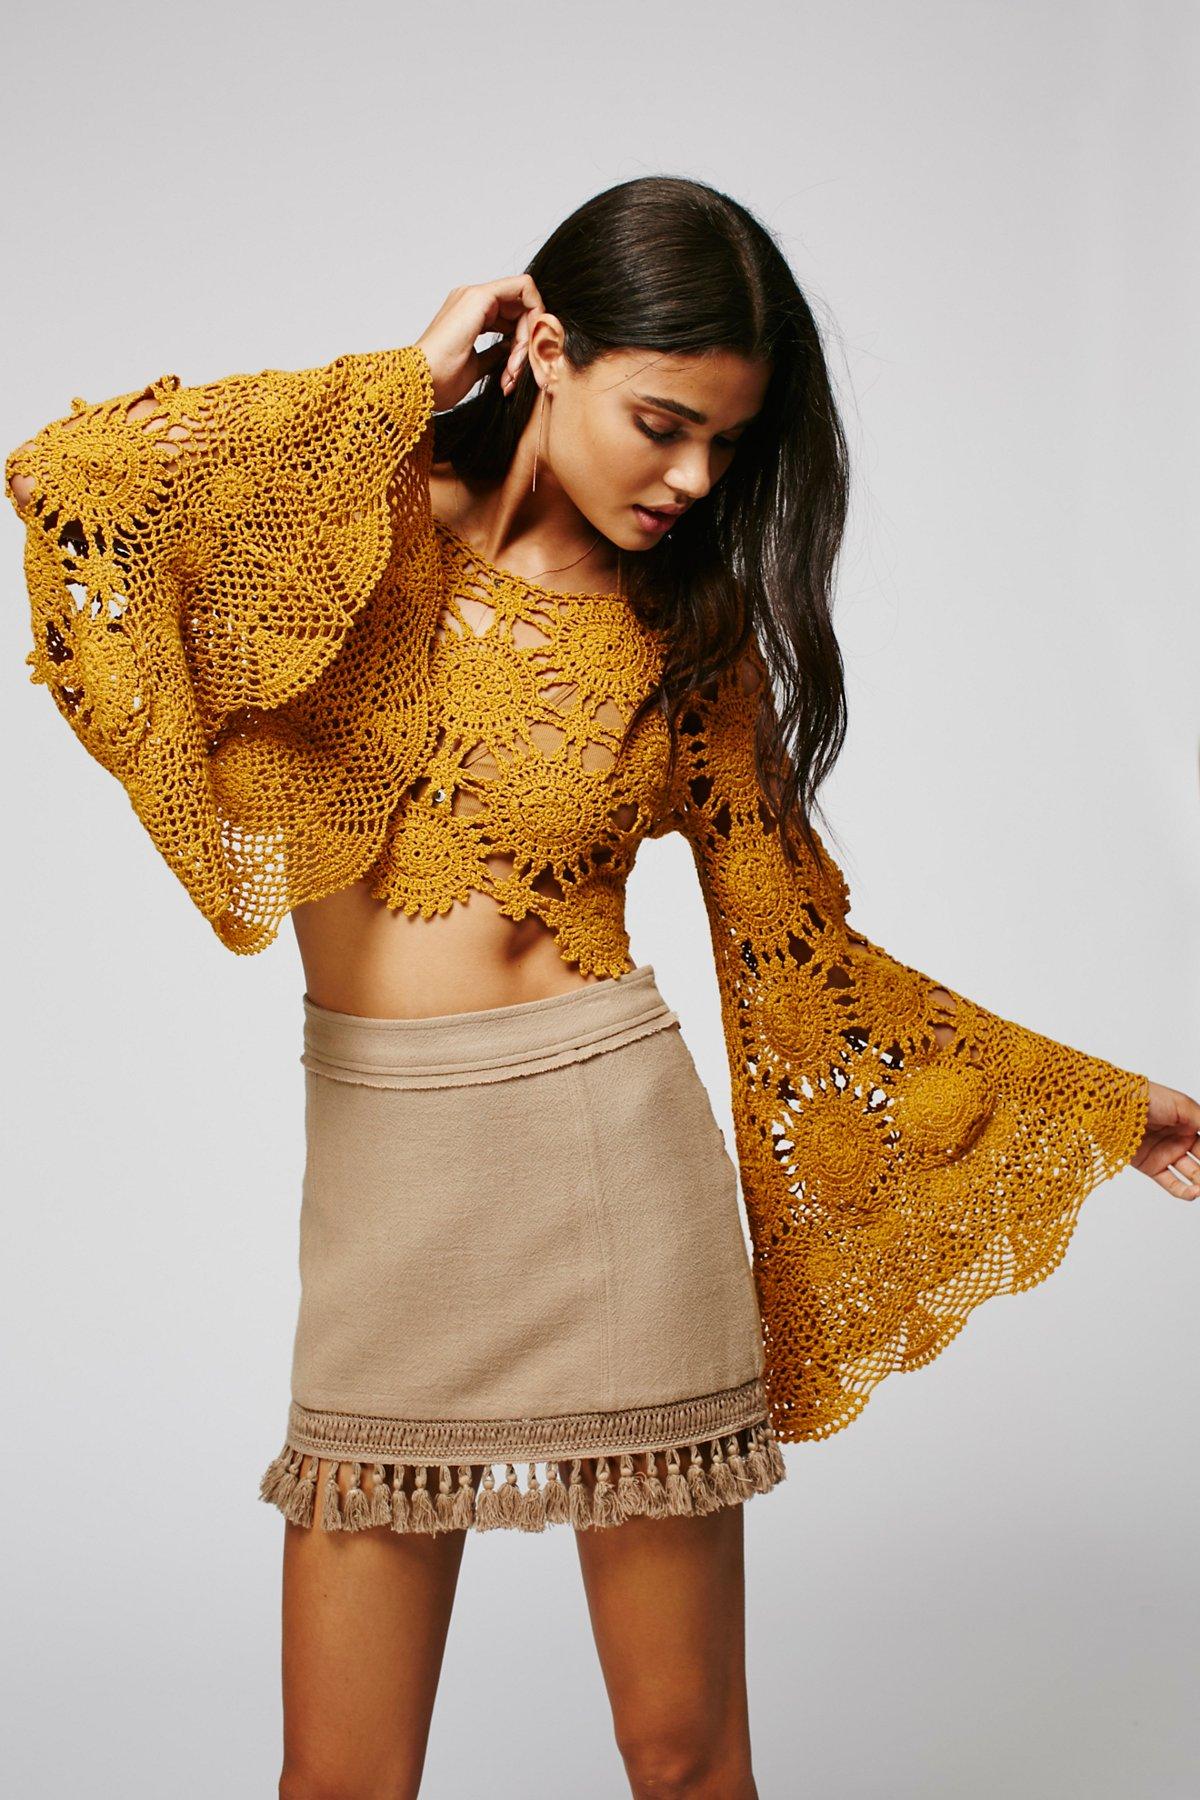 Sunchaser Crochet Top